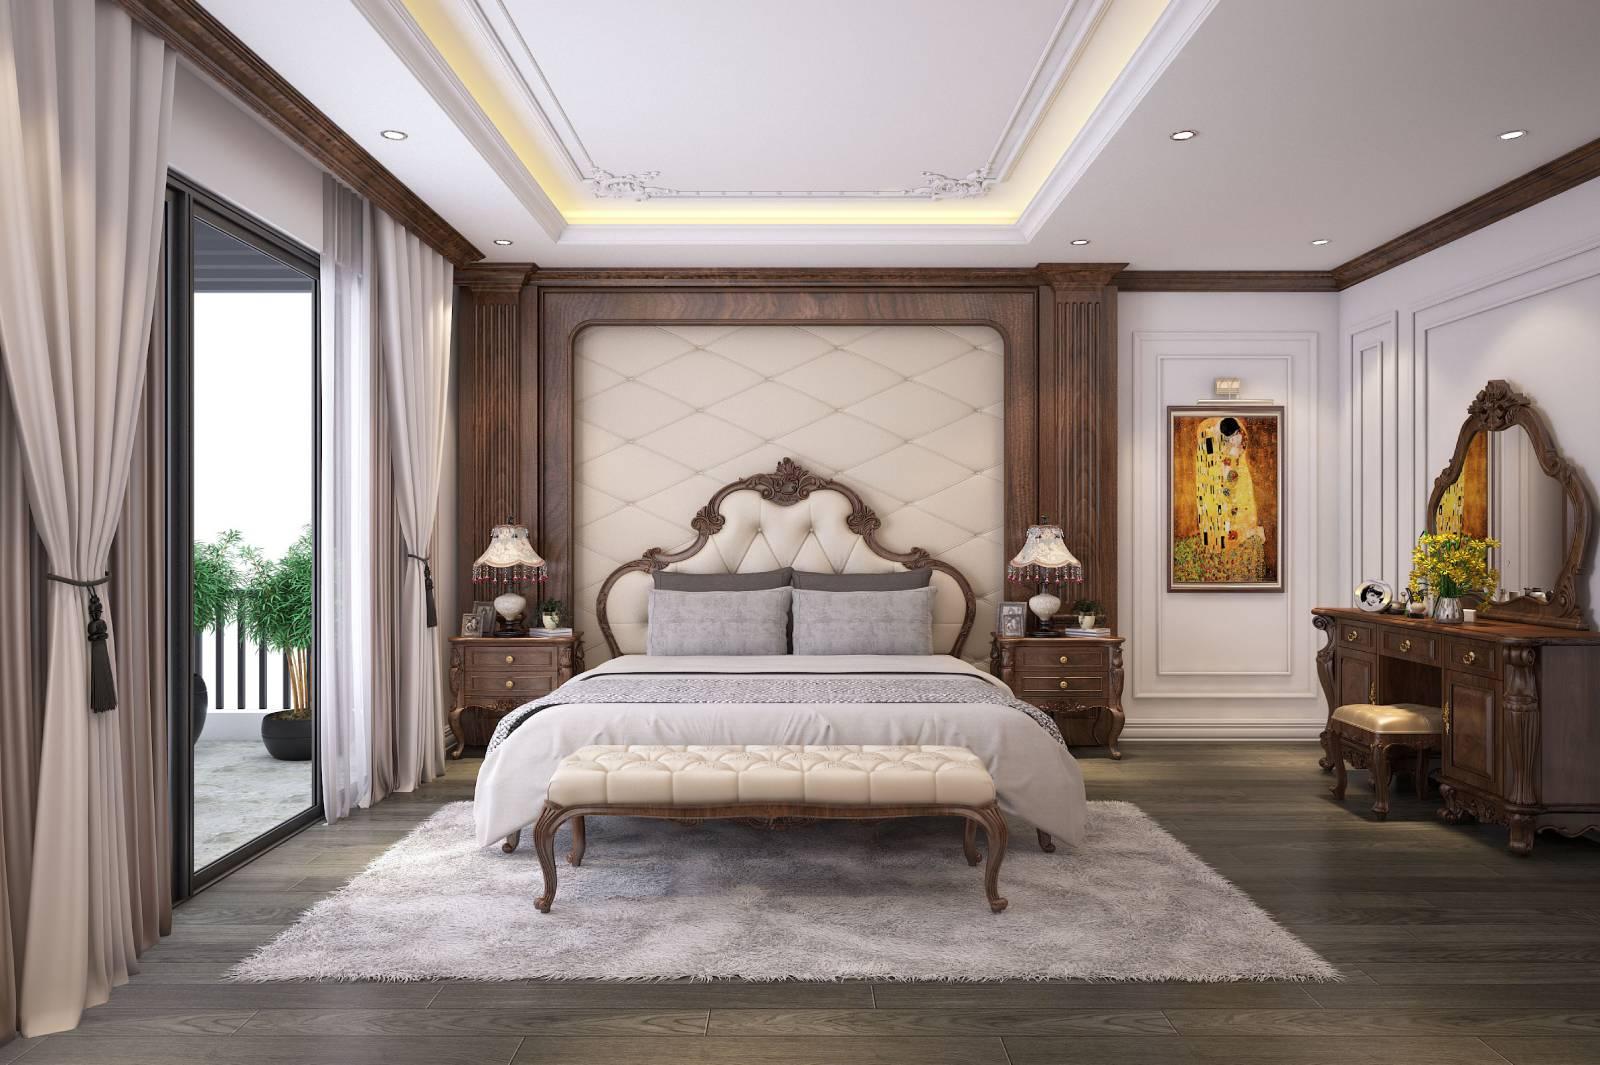 Thiết kế phòng ngủ master tân cổ điển rộng cho cặp vợ chồng